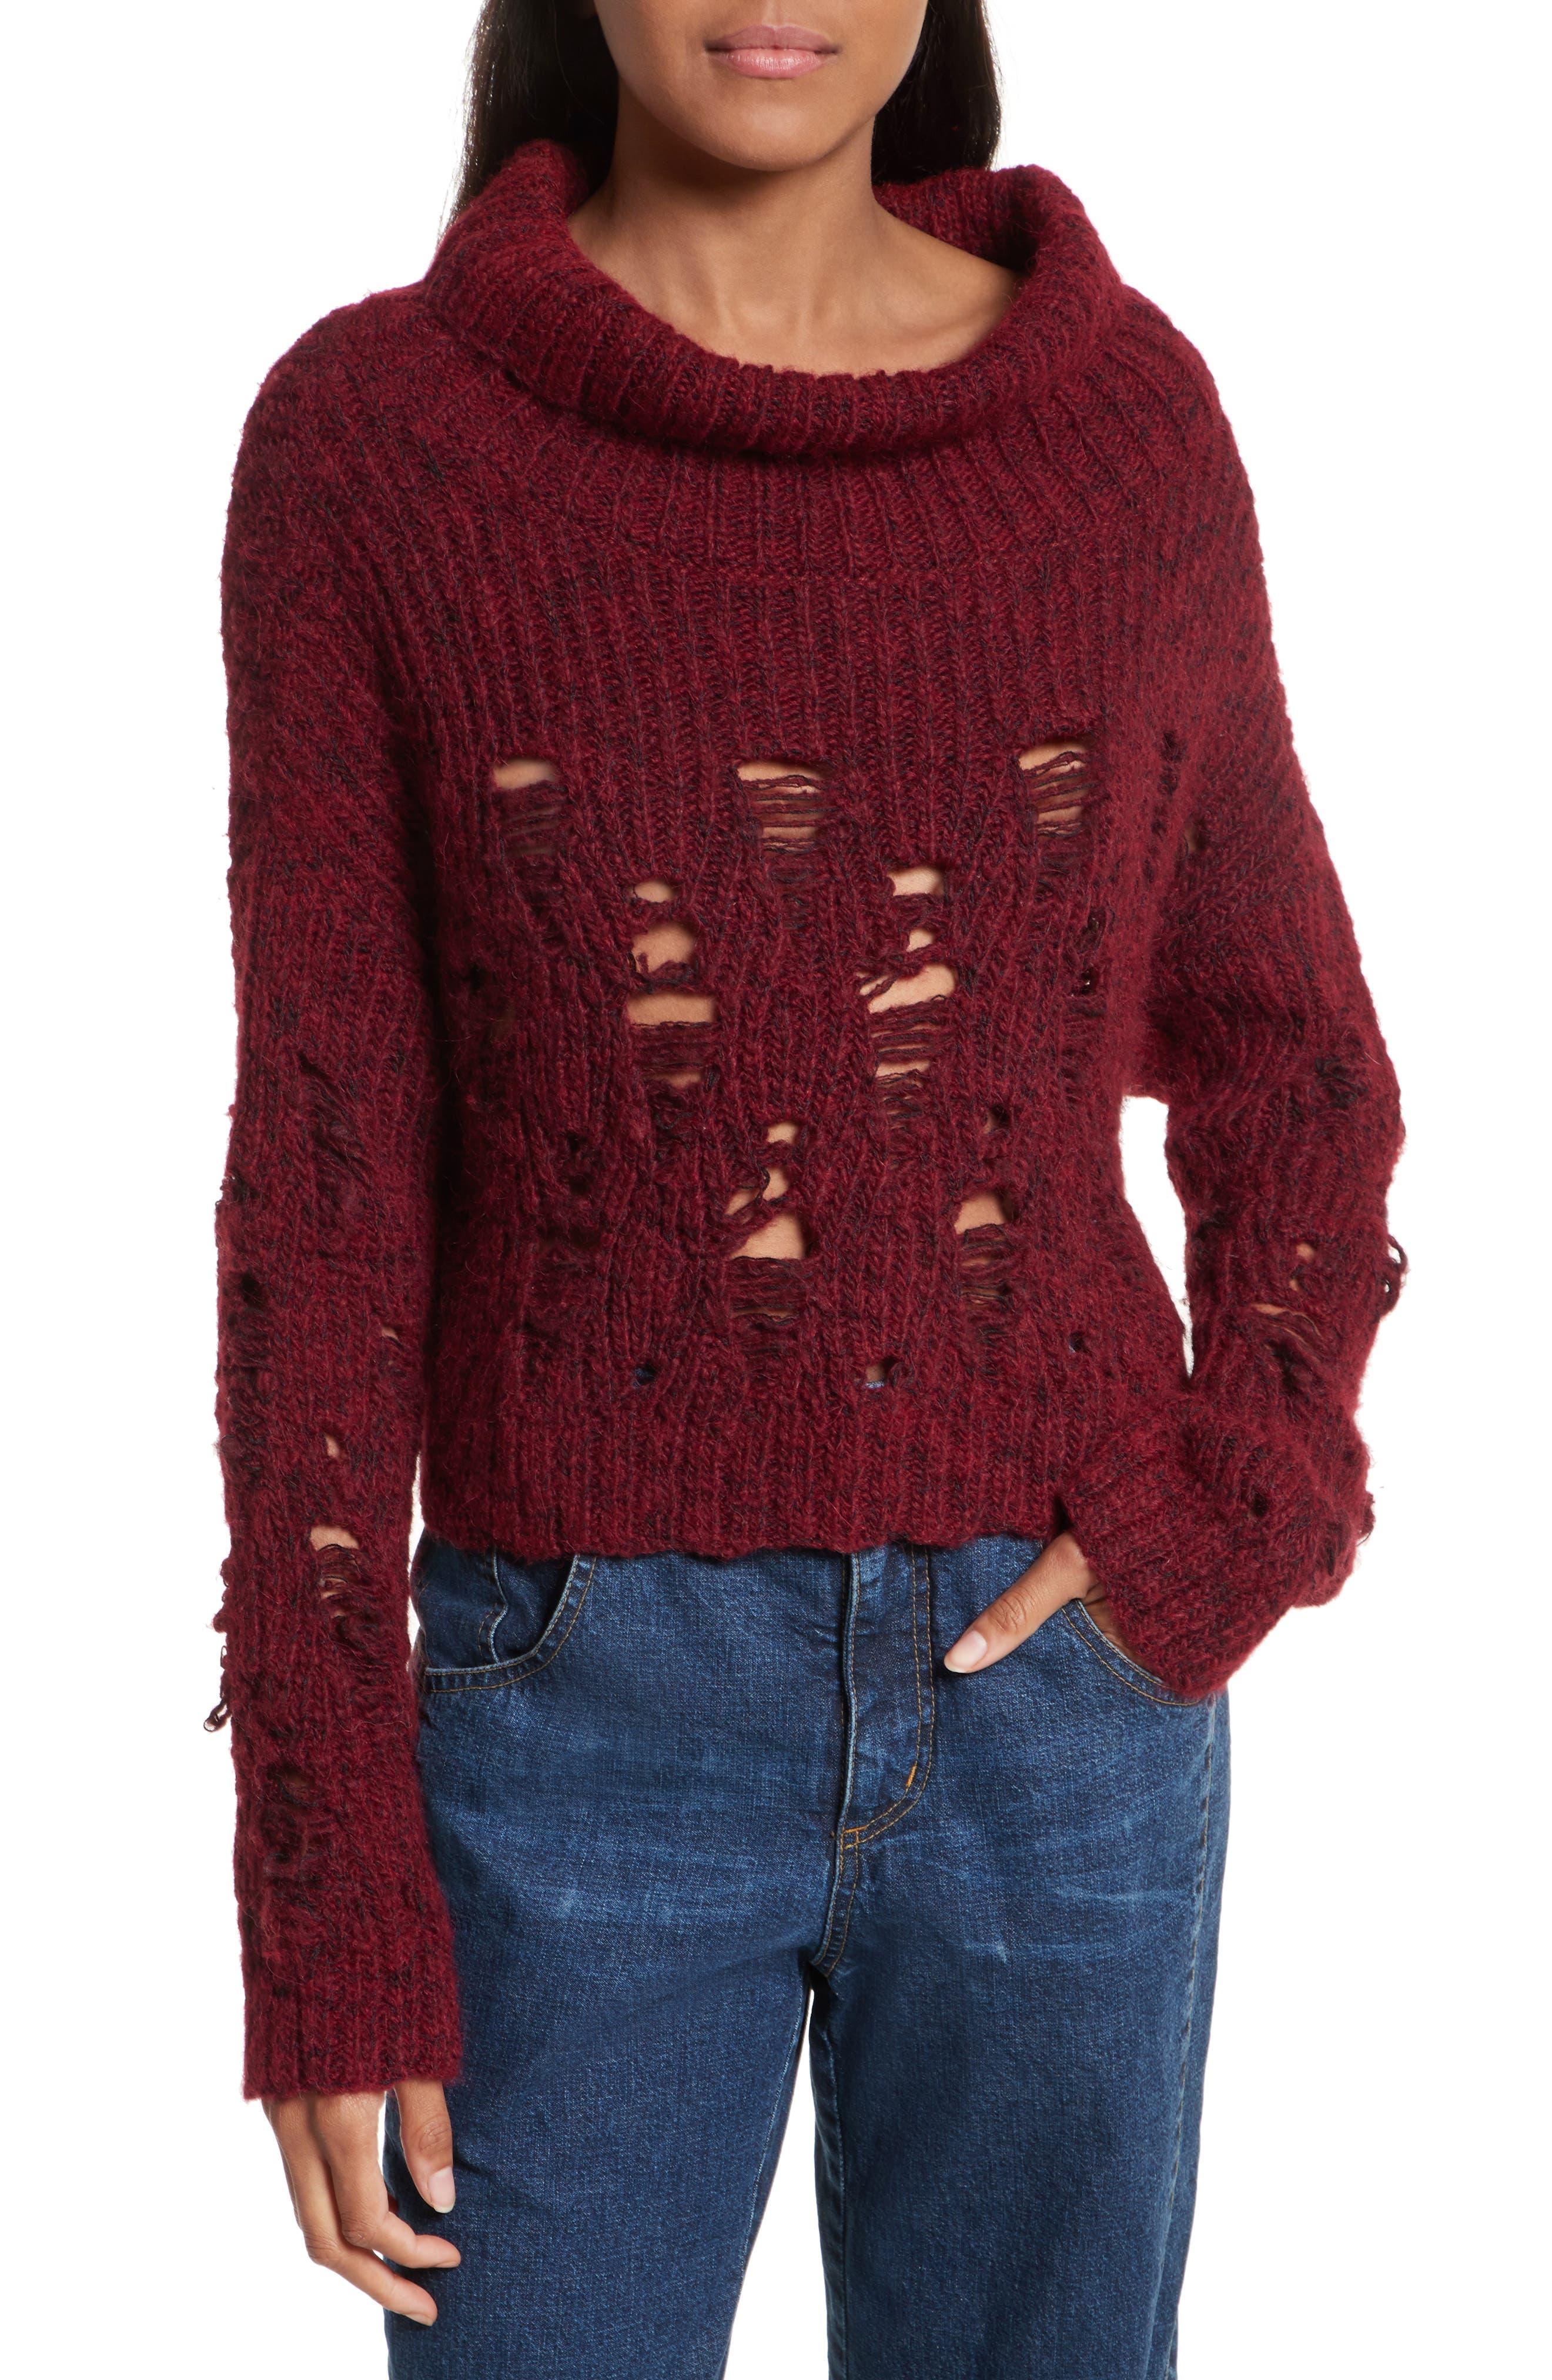 Tigris Crop Turtleneck Sweater,                         Main,                         color, Wine